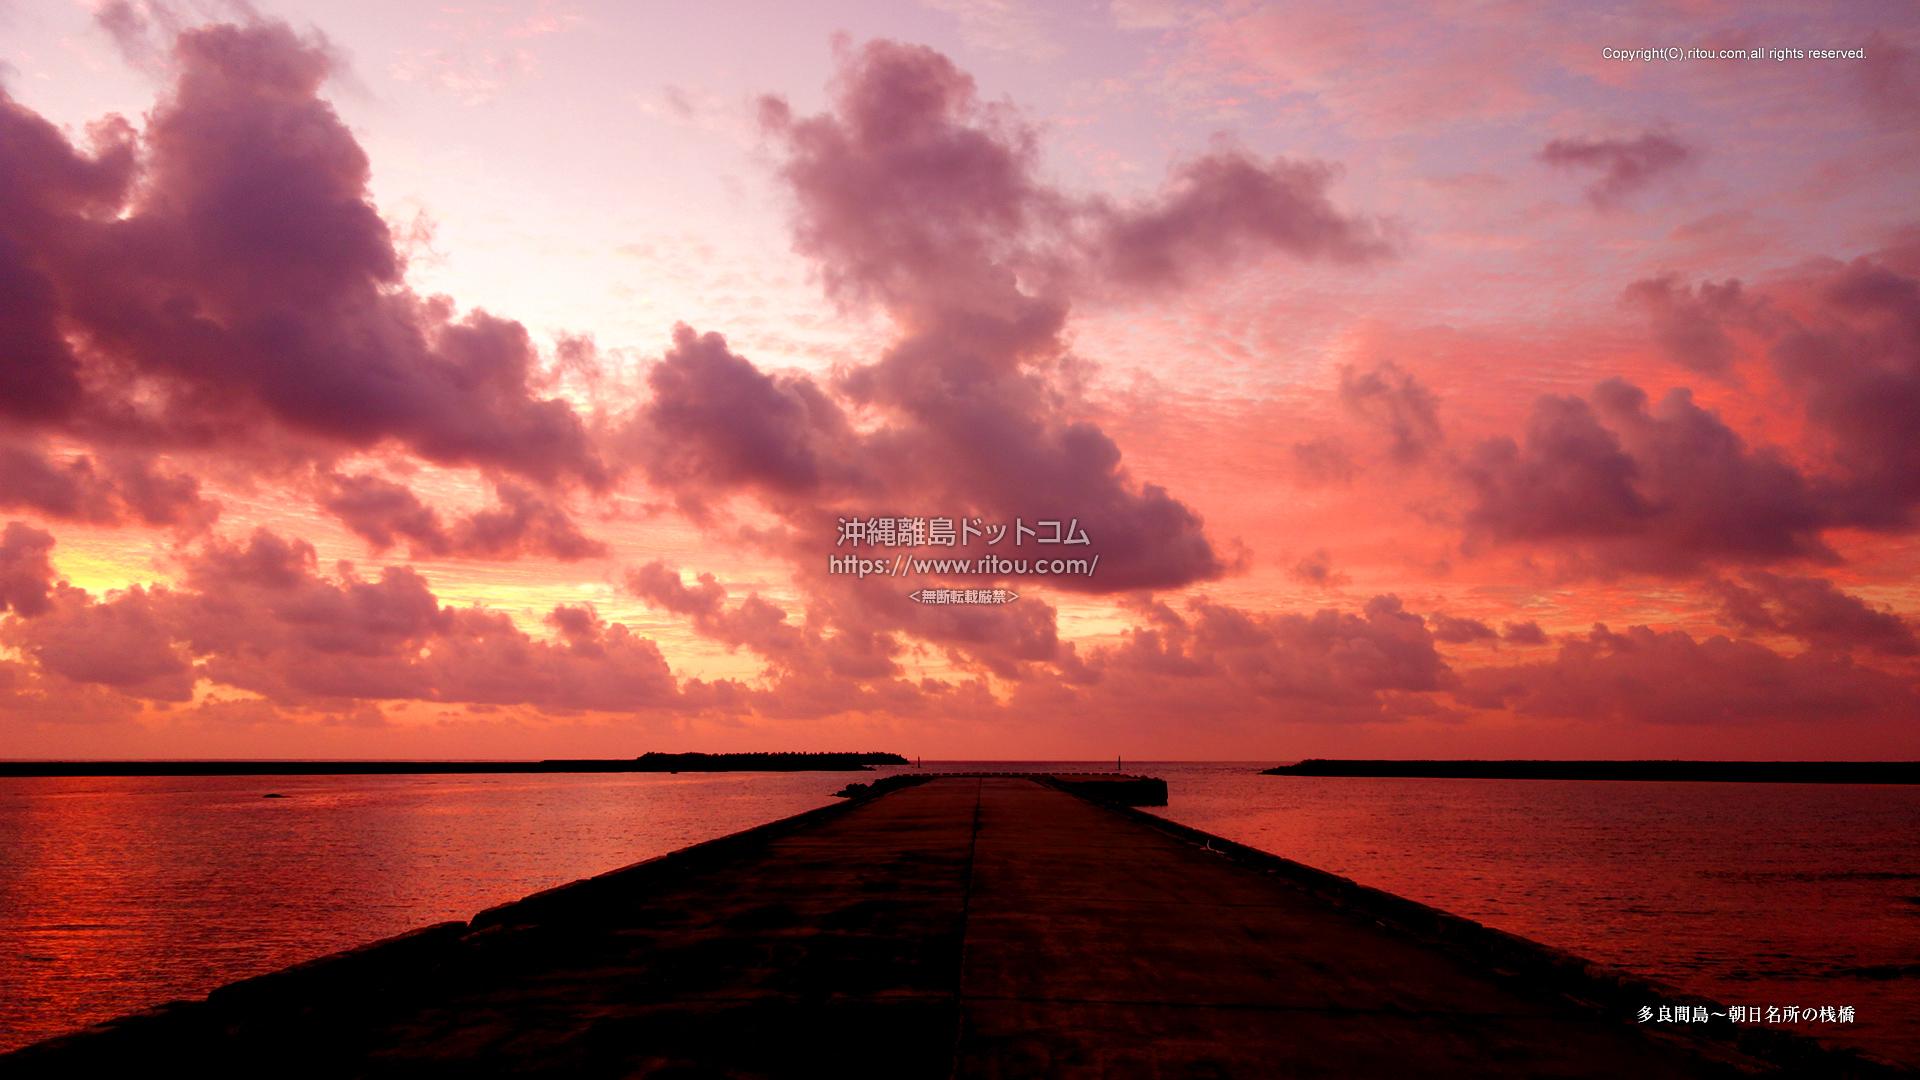 多良間島〜朝日名所の桟橋